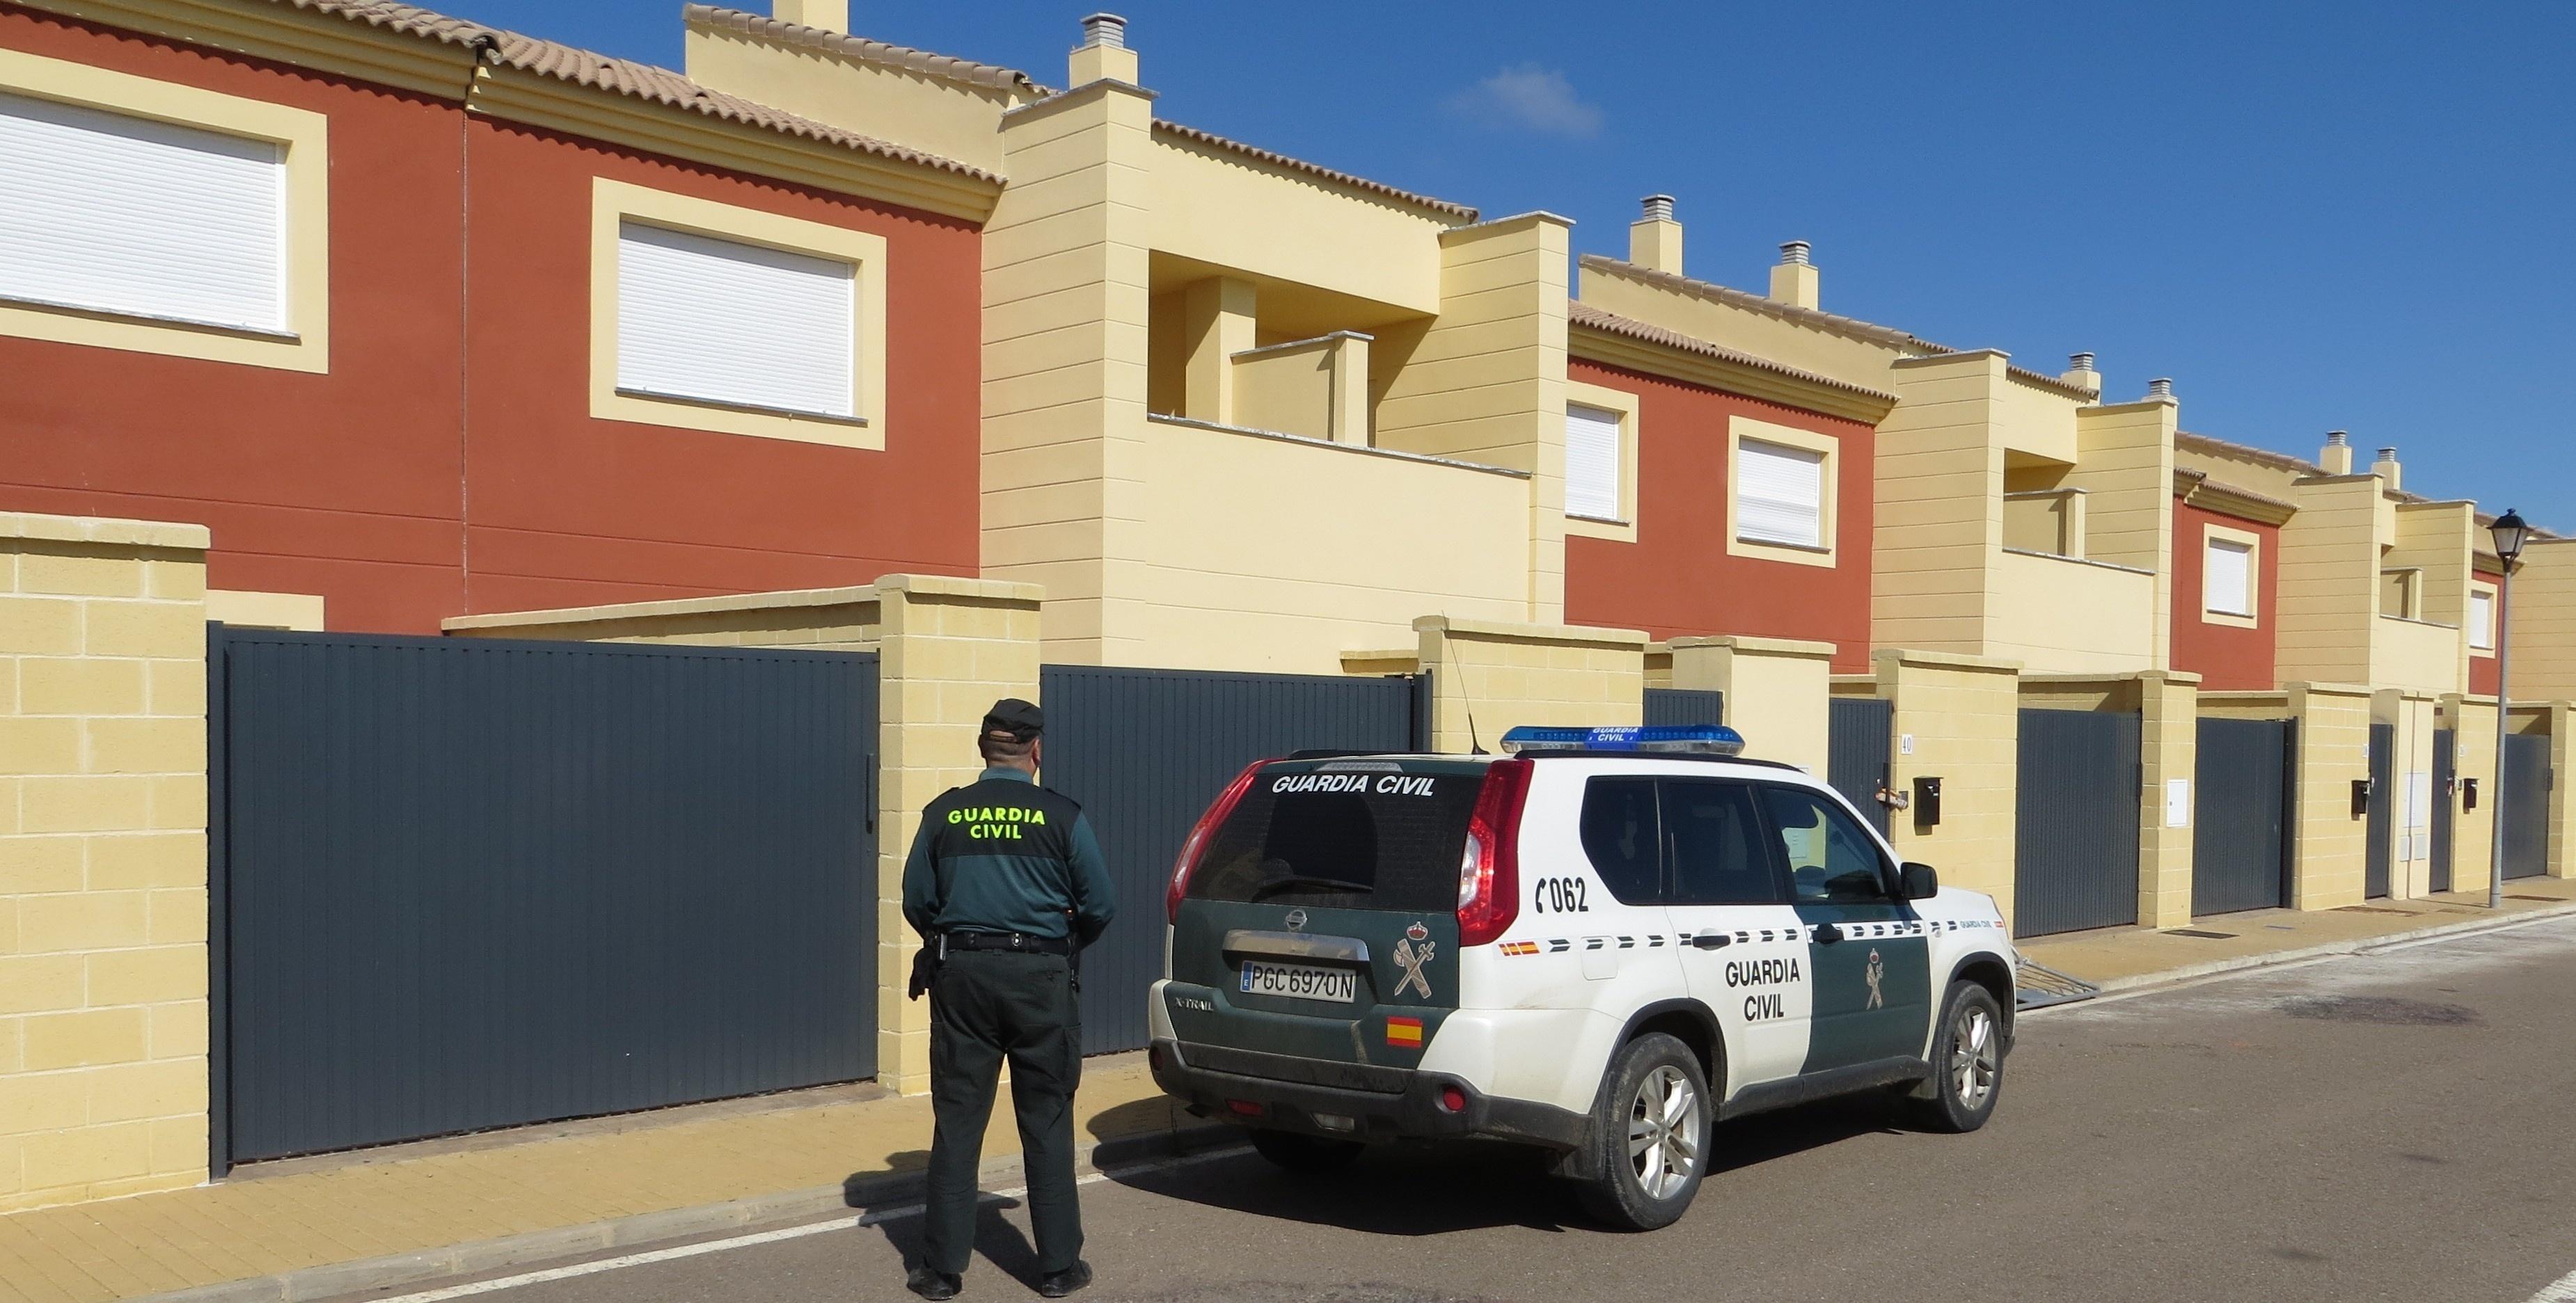 Detenido por robar el tendido eléctrico de doce viviendas de un residencial de Talavera la Real